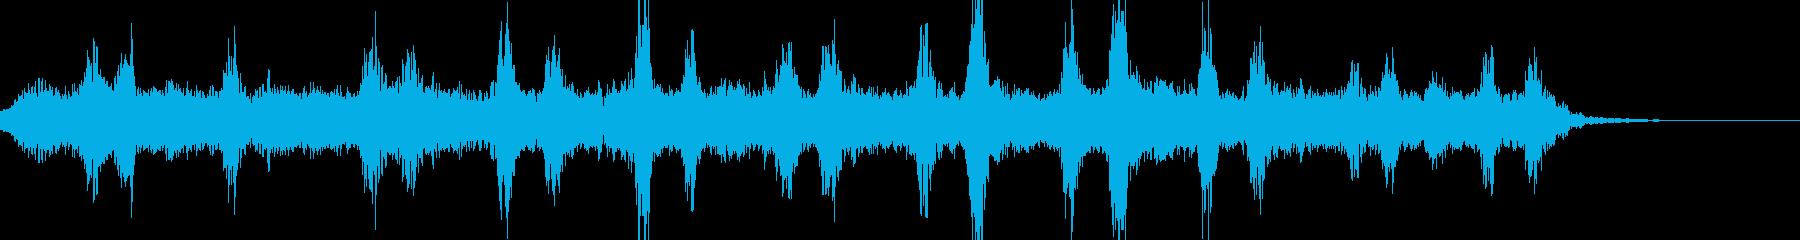 宇宙の映像のBGMに適した曲の再生済みの波形